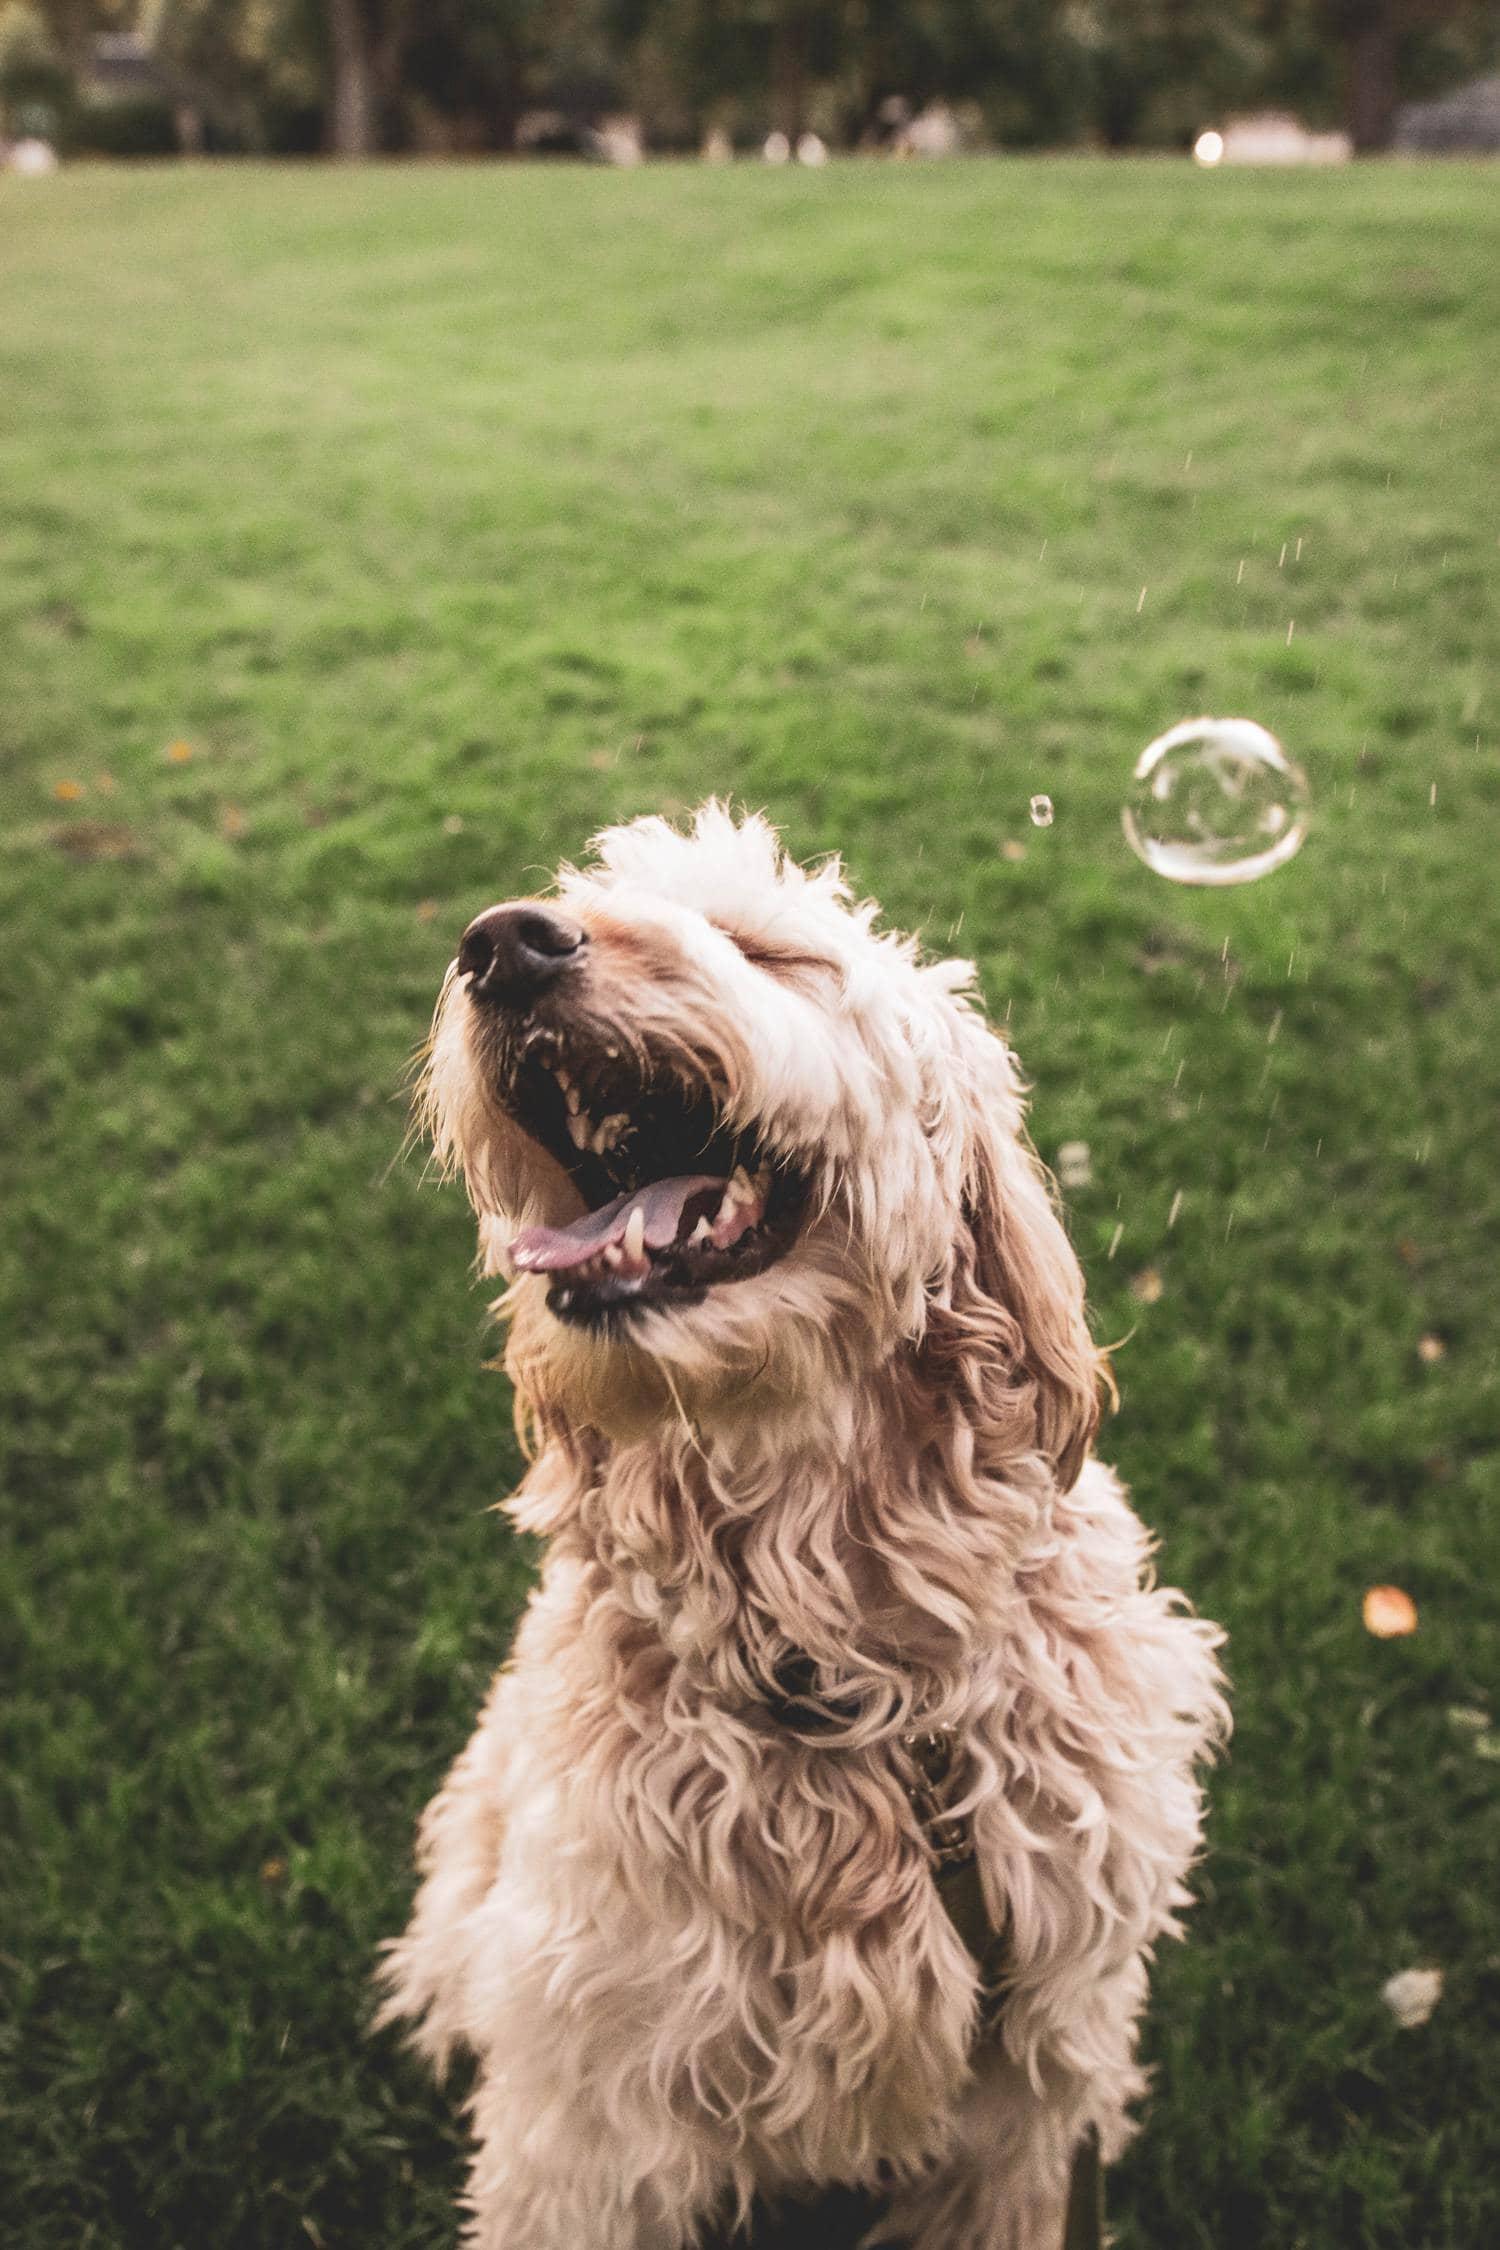 foto de perro con burbuja de jabón